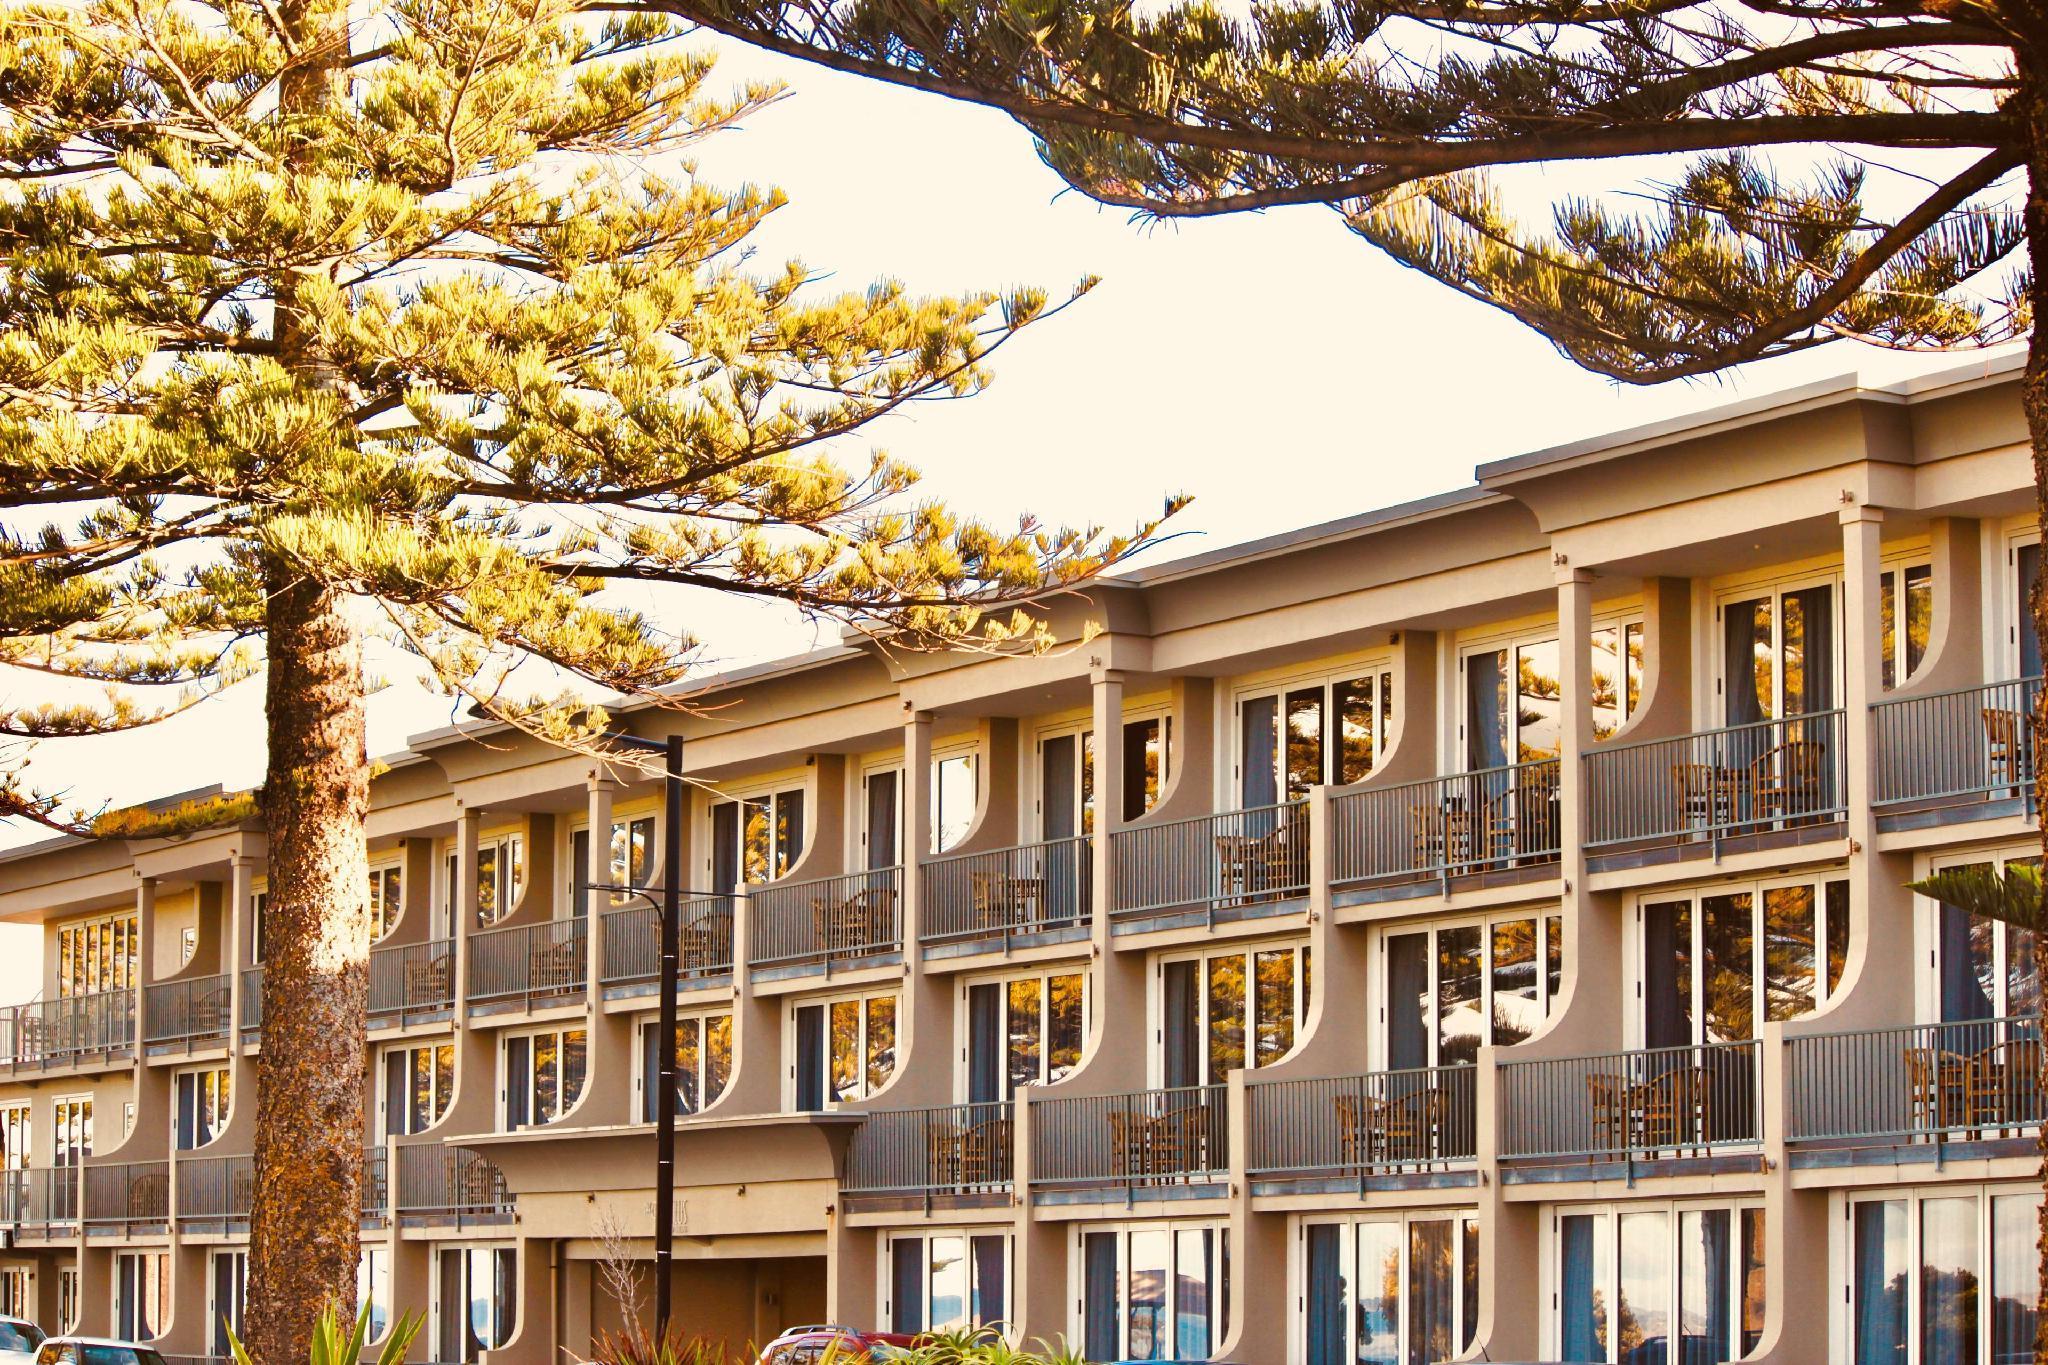 The Nautilus Hotel